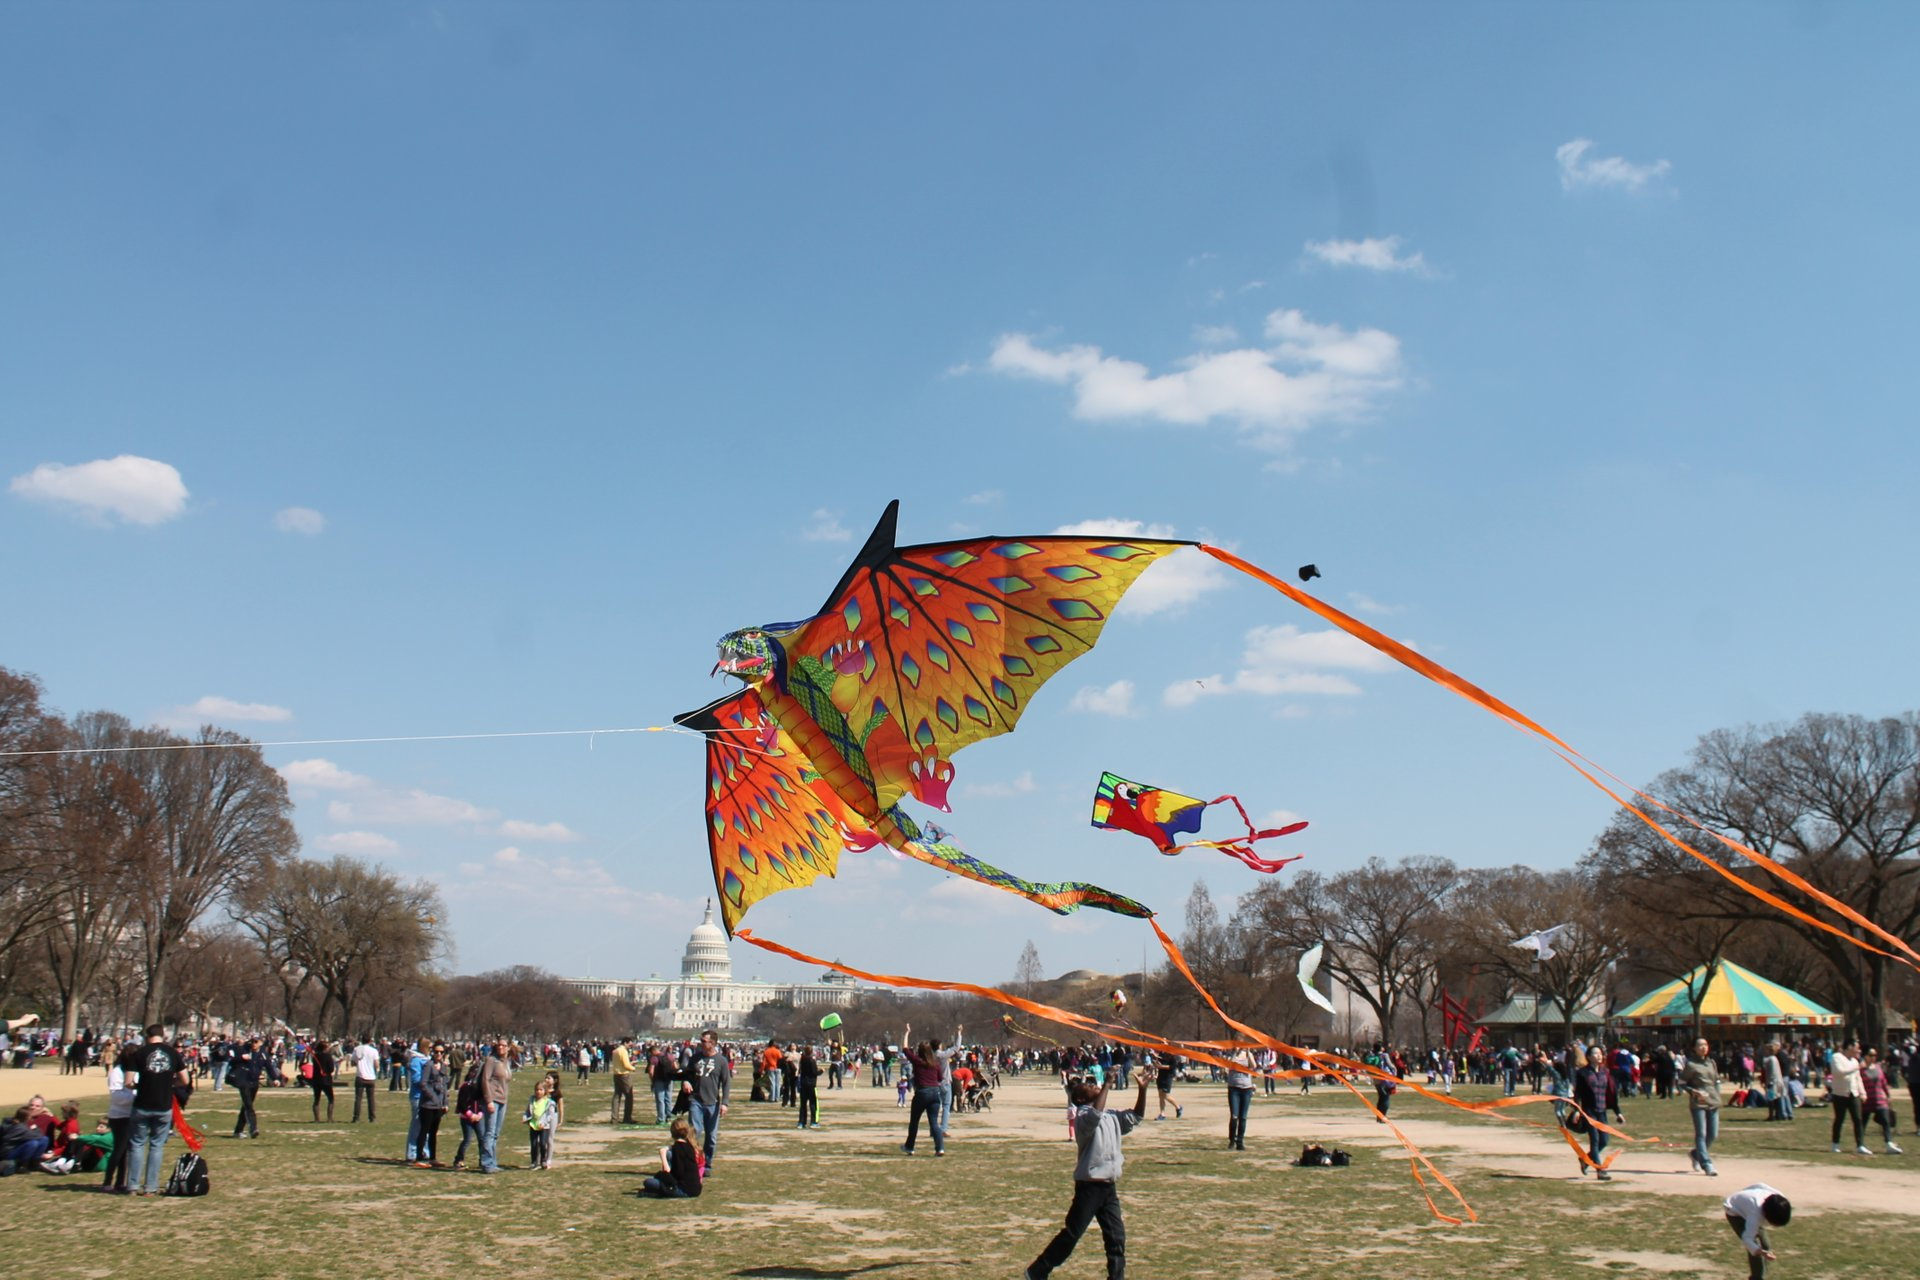 Blossom Kite Festival 2020